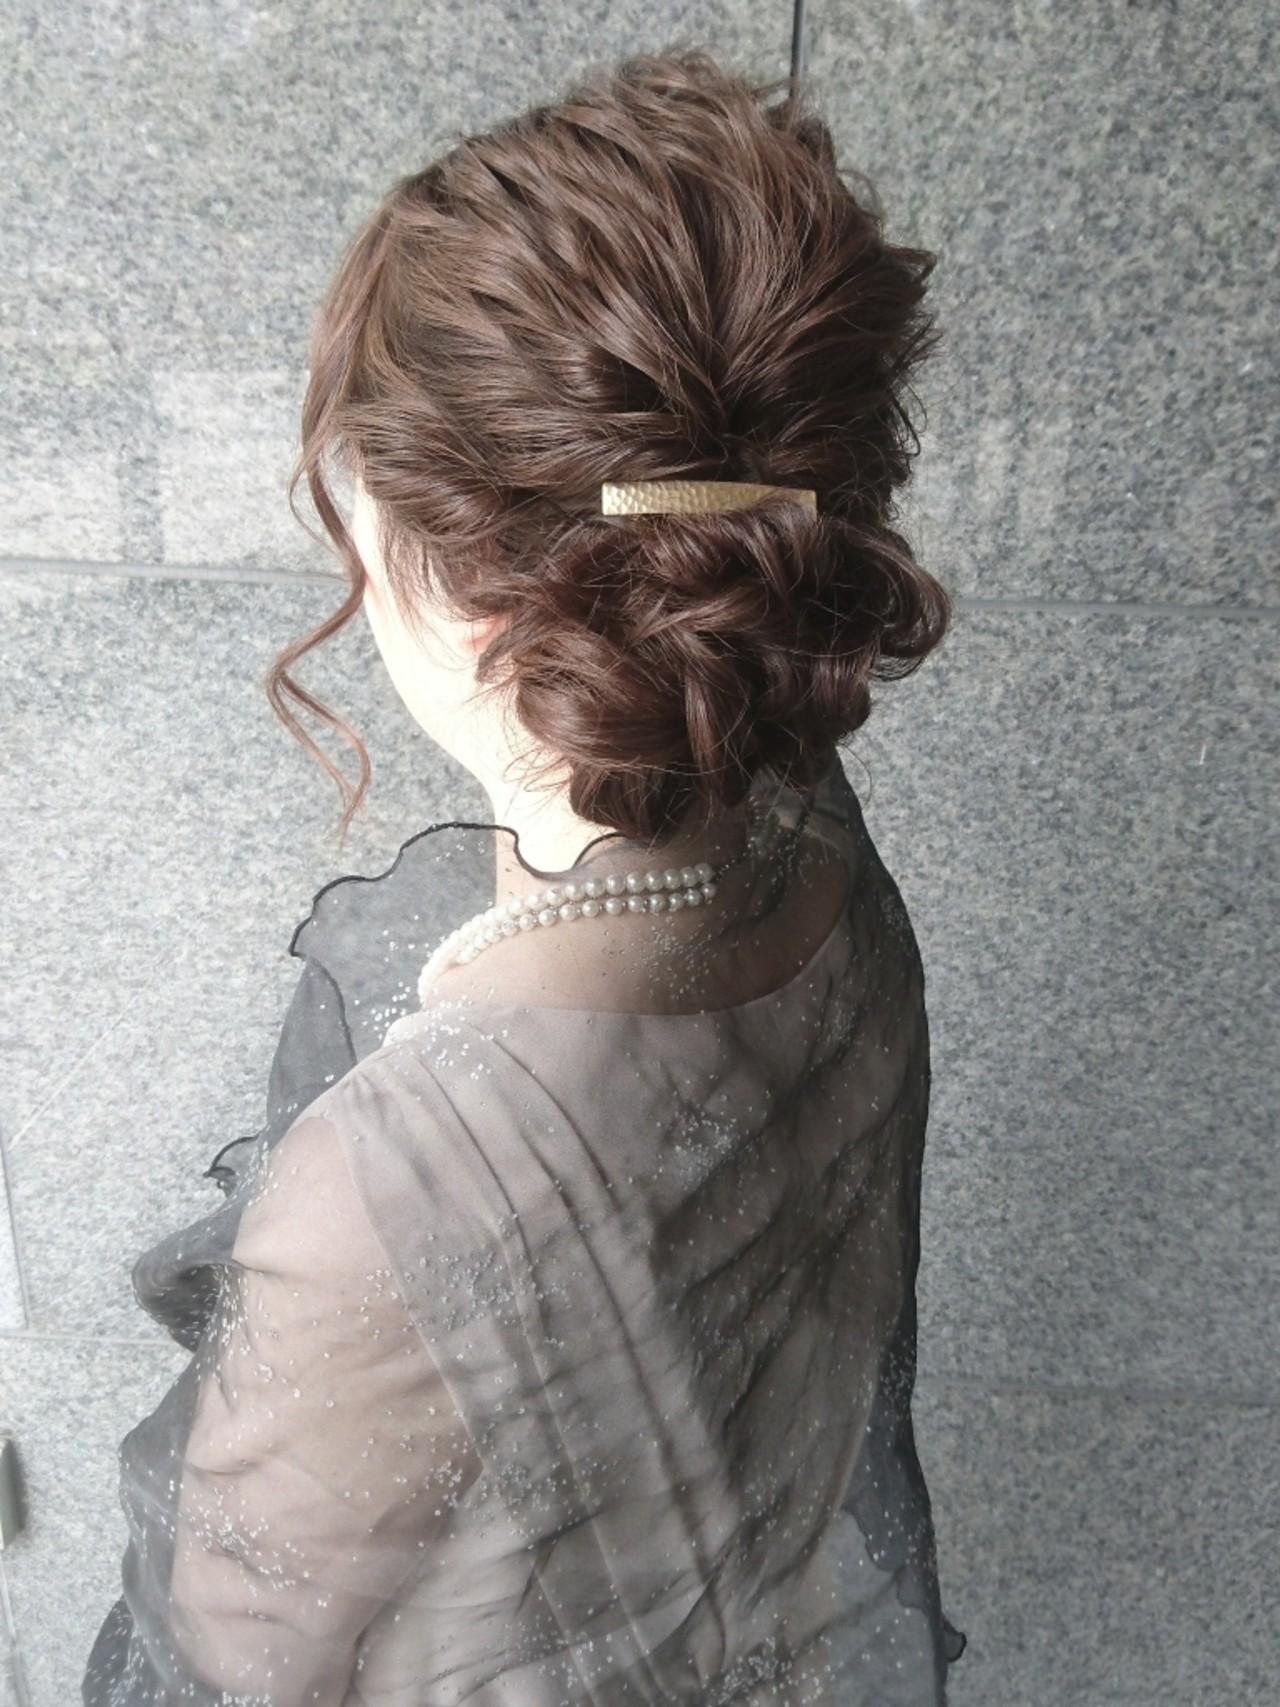 ヘアアレンジ ハーフアップ ナチュラル ゆるふわ ヘアスタイルや髪型の写真・画像 | 島田 和也 / hair&spa feliceMICHI